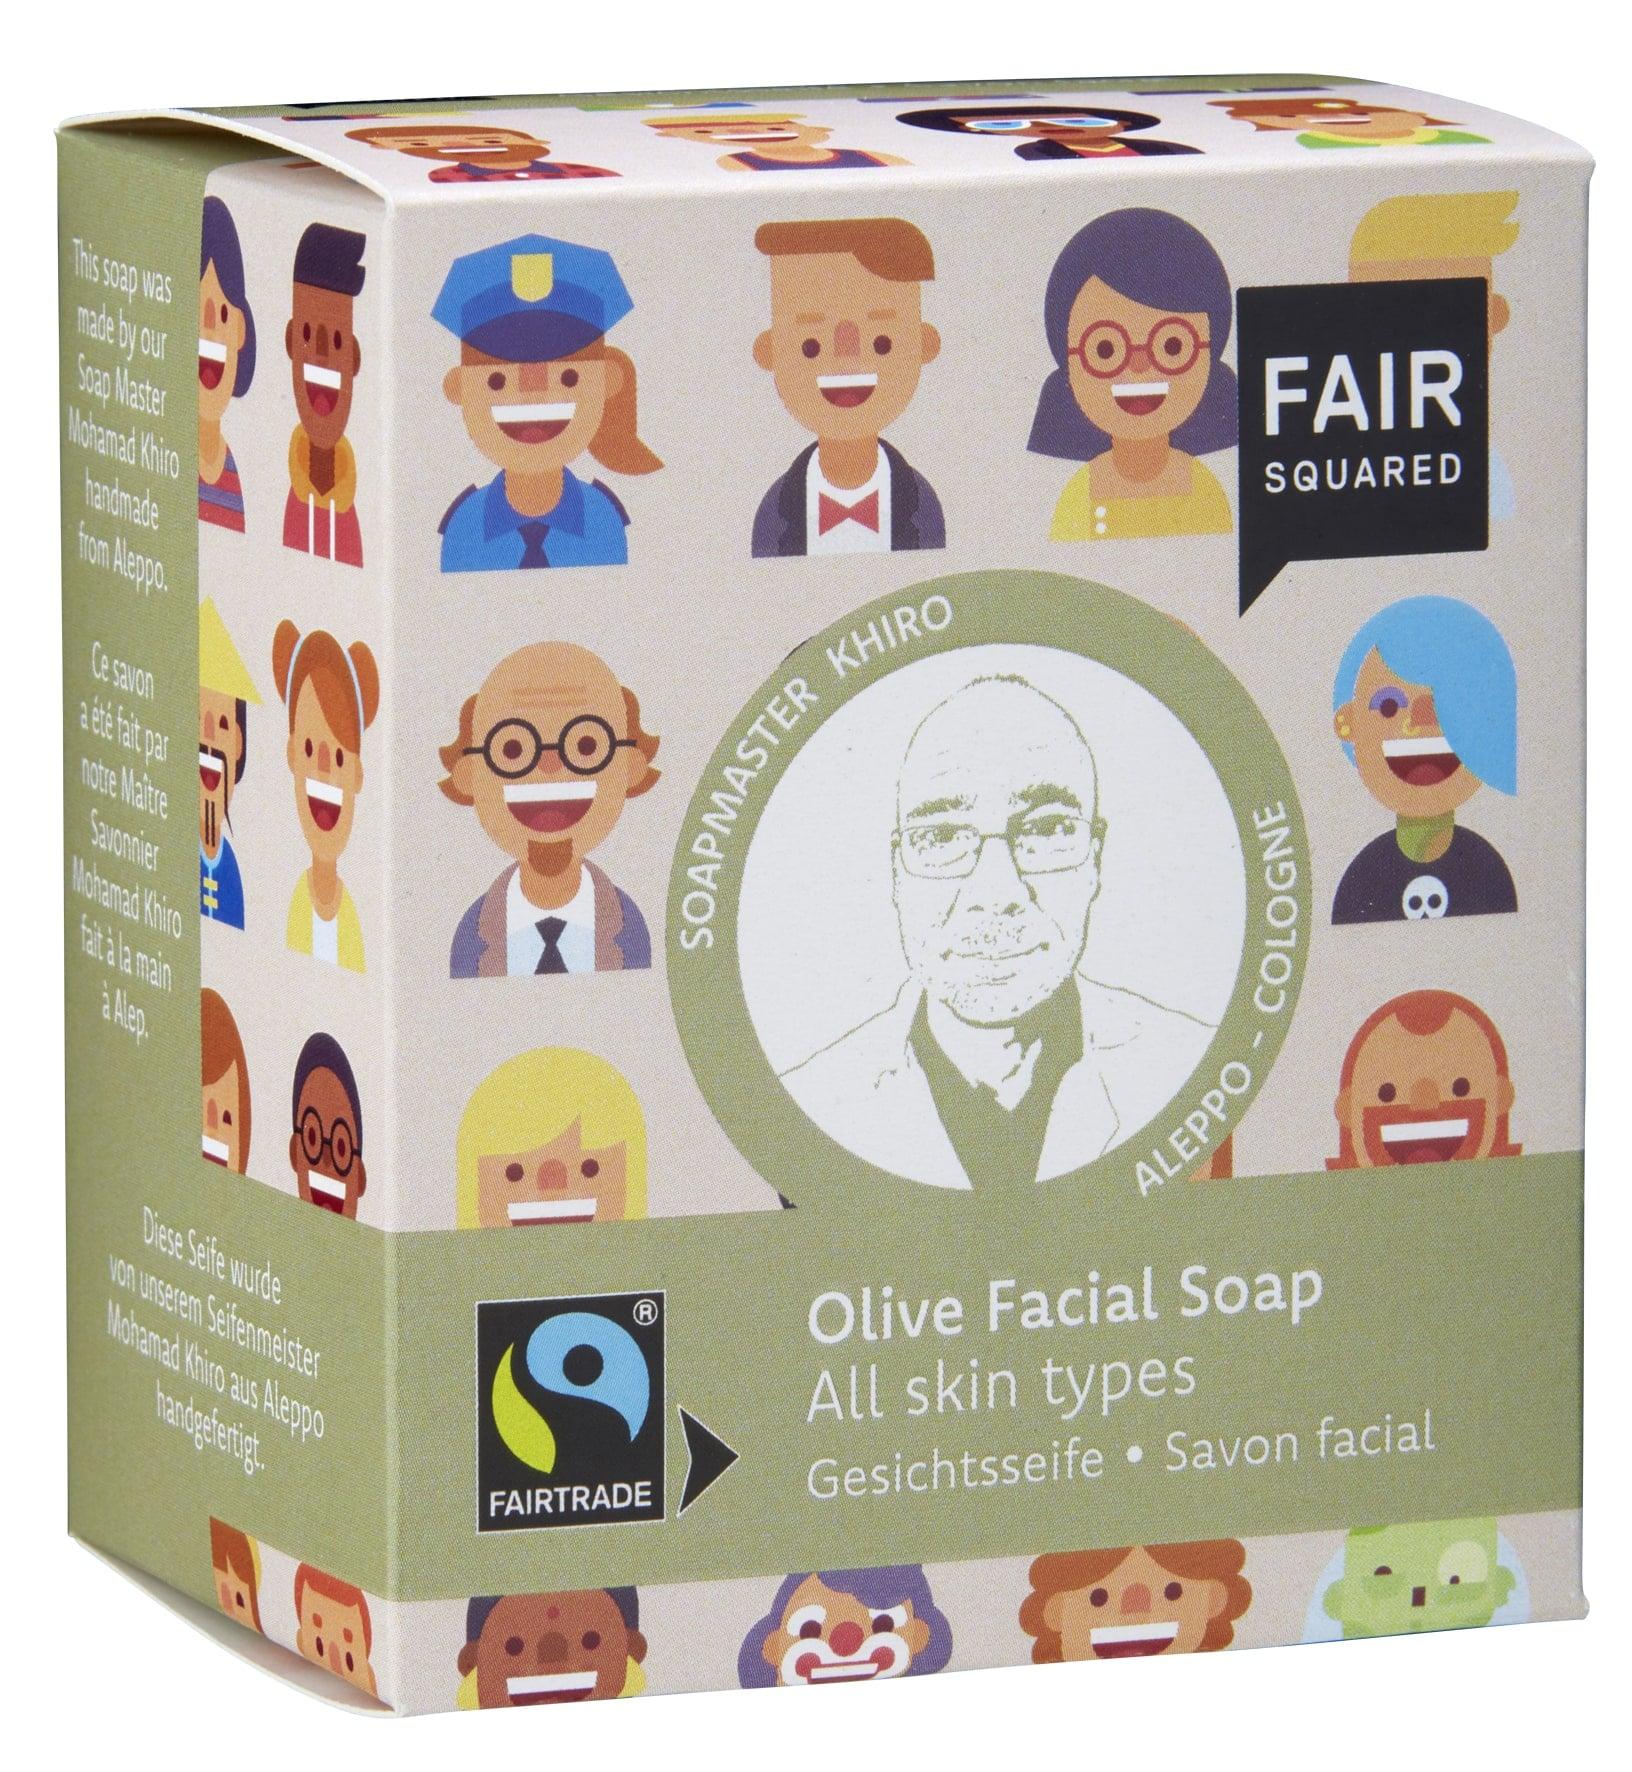 Olive Facial Soap